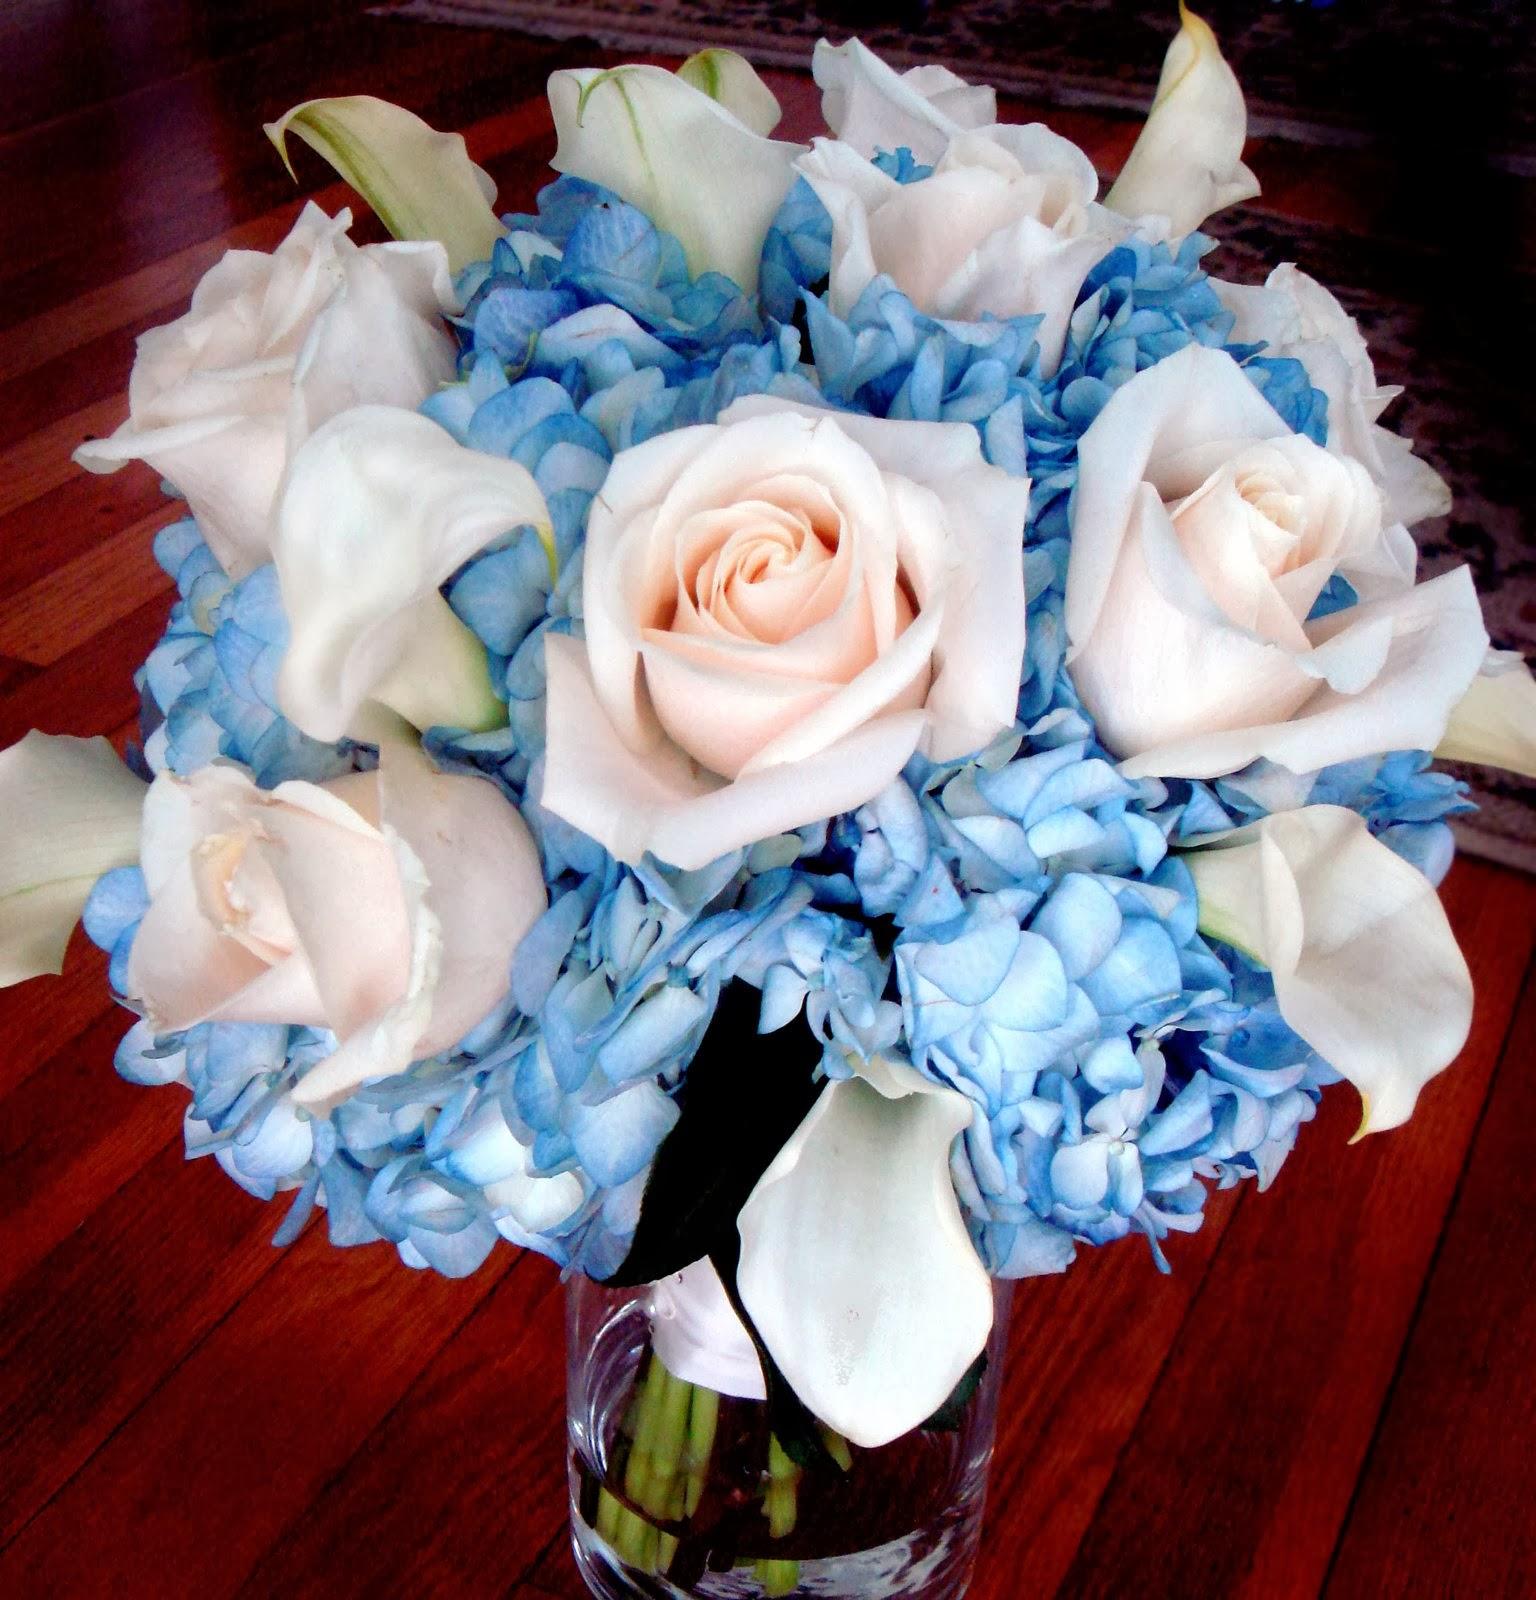 7 kwiat w niebieskie kwiaty w bukiecie lubnym trendy lubne 2014. Black Bedroom Furniture Sets. Home Design Ideas